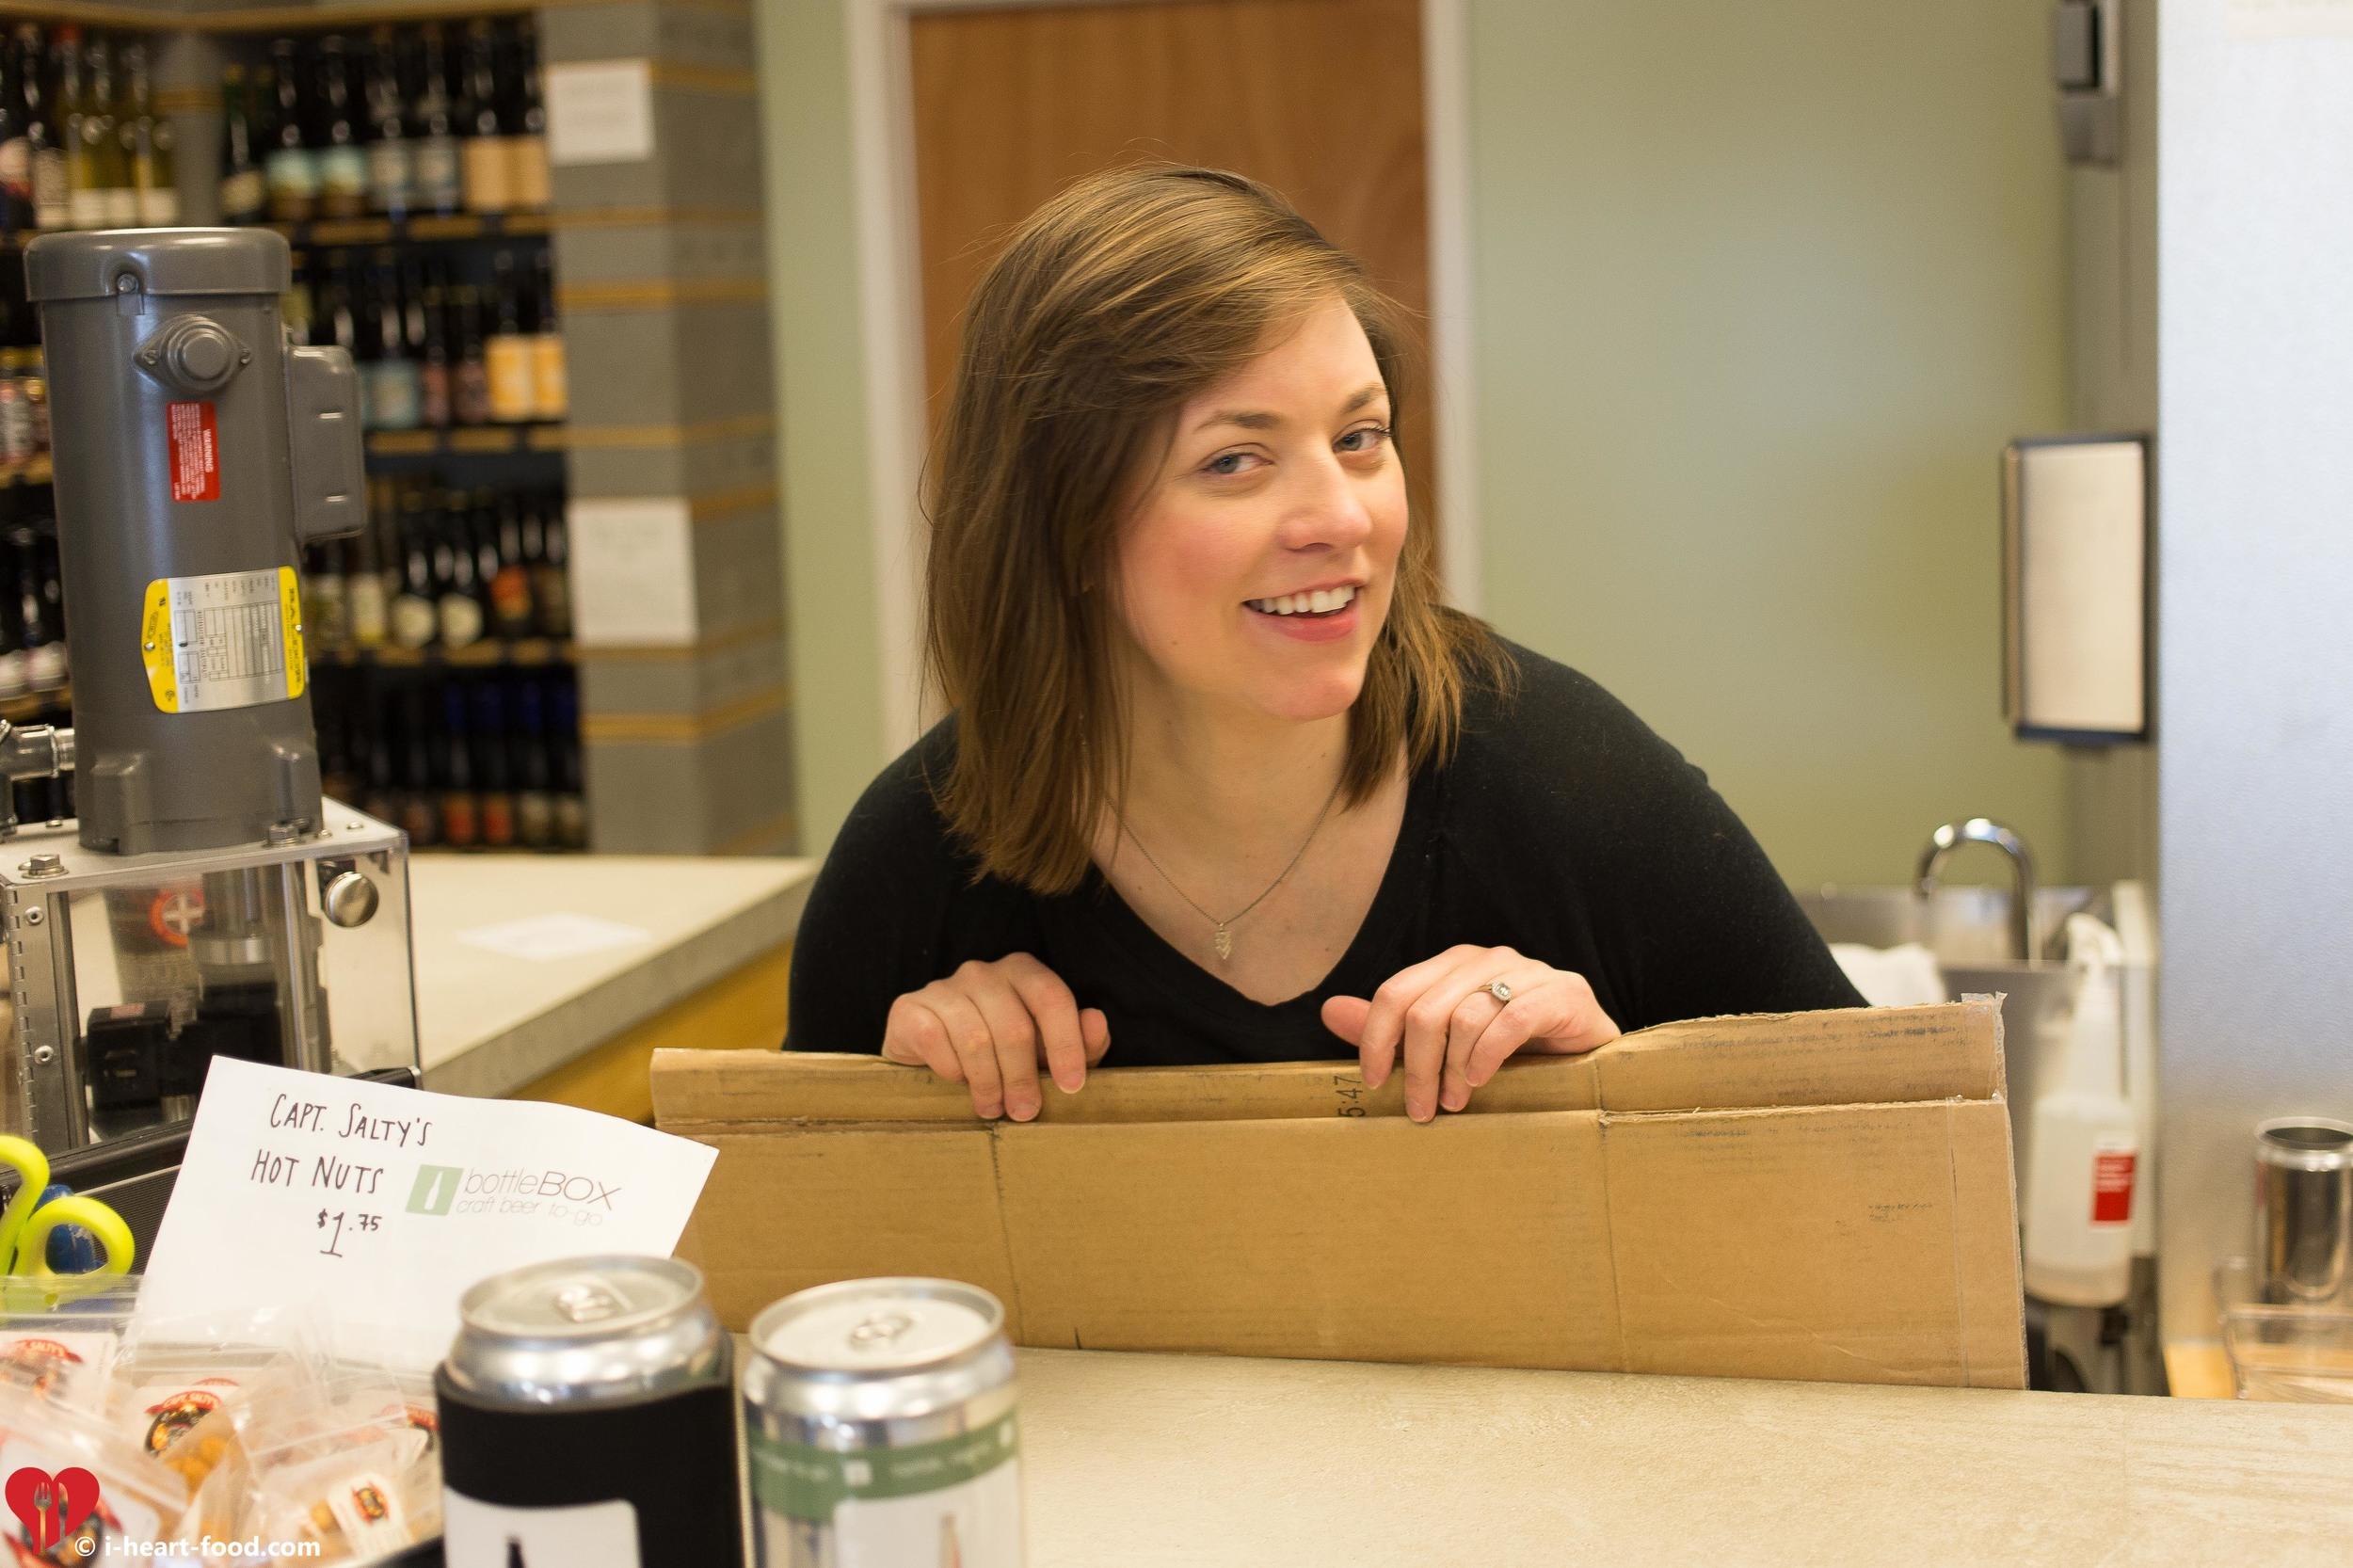 Fannie at bottleBOX